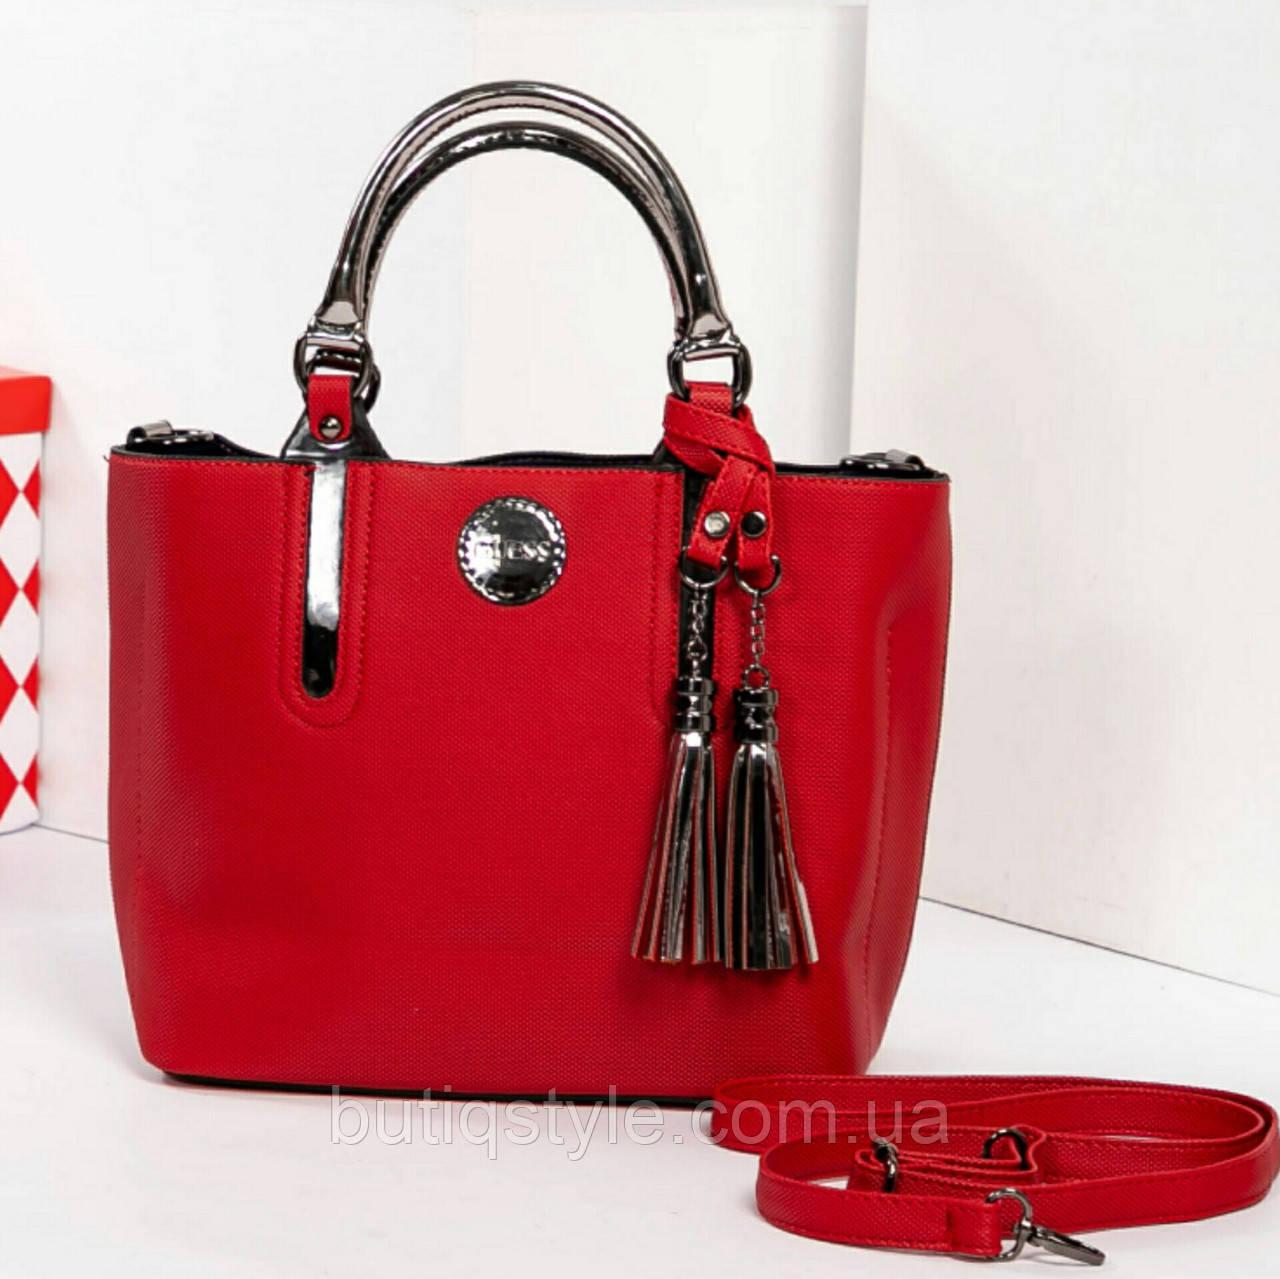 Красивая красная кожаная сумка Gue_ss с кисточками Турция